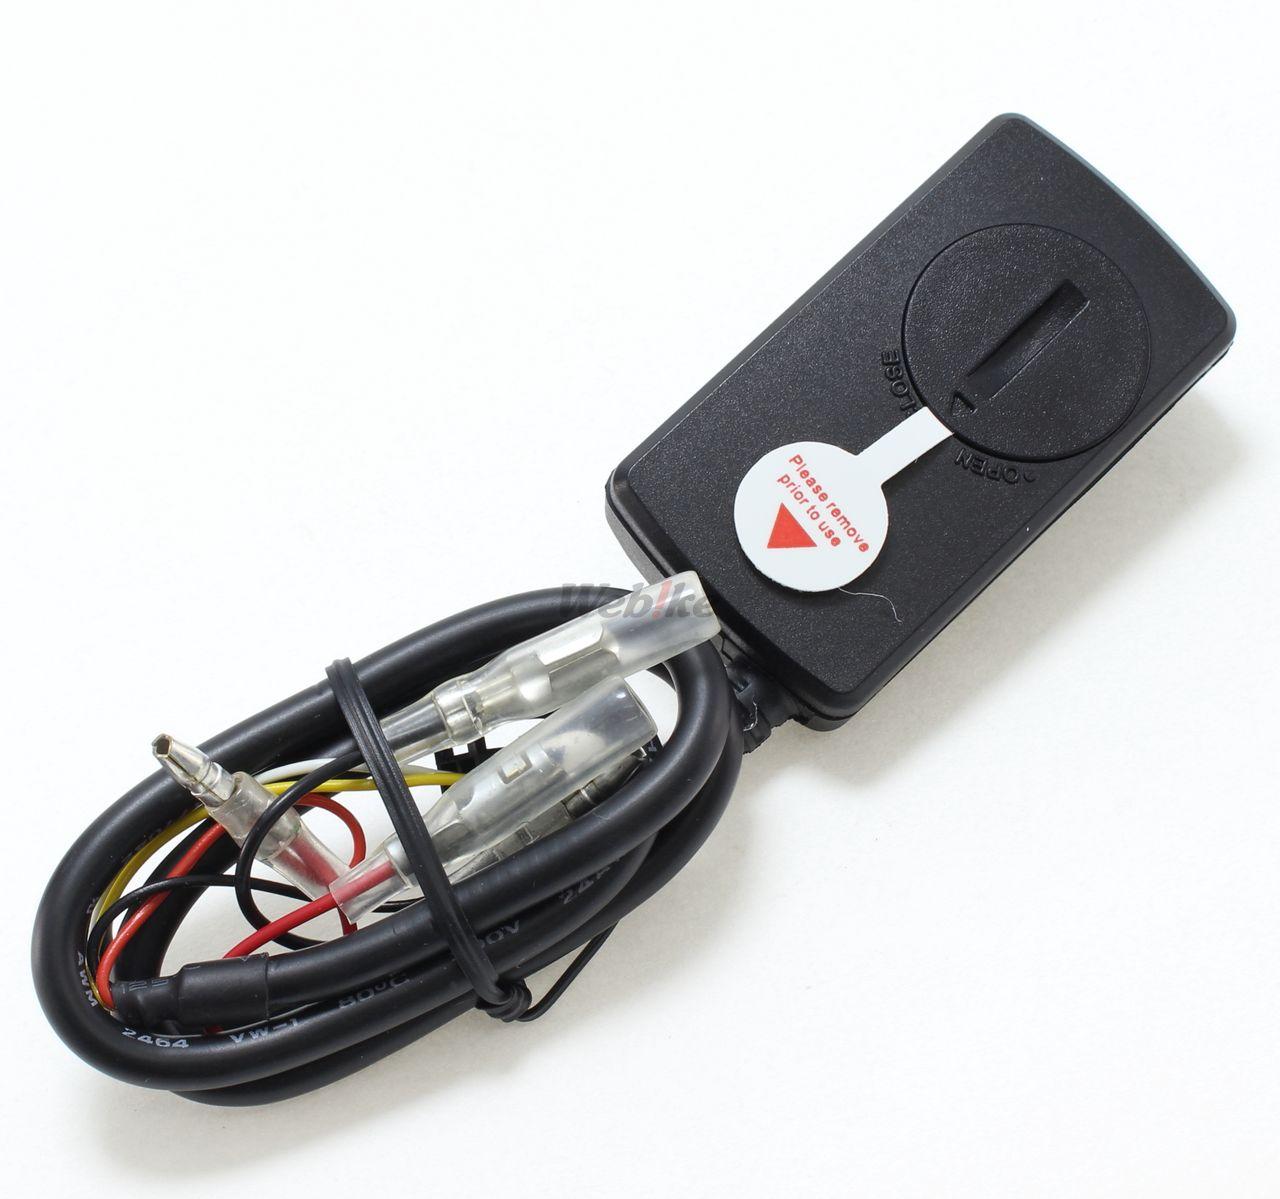 【SP武川】綜合LCD溫度錶(電池駆動/外部電源背光型式)M5感知器附 - 「Webike-摩托百貨」